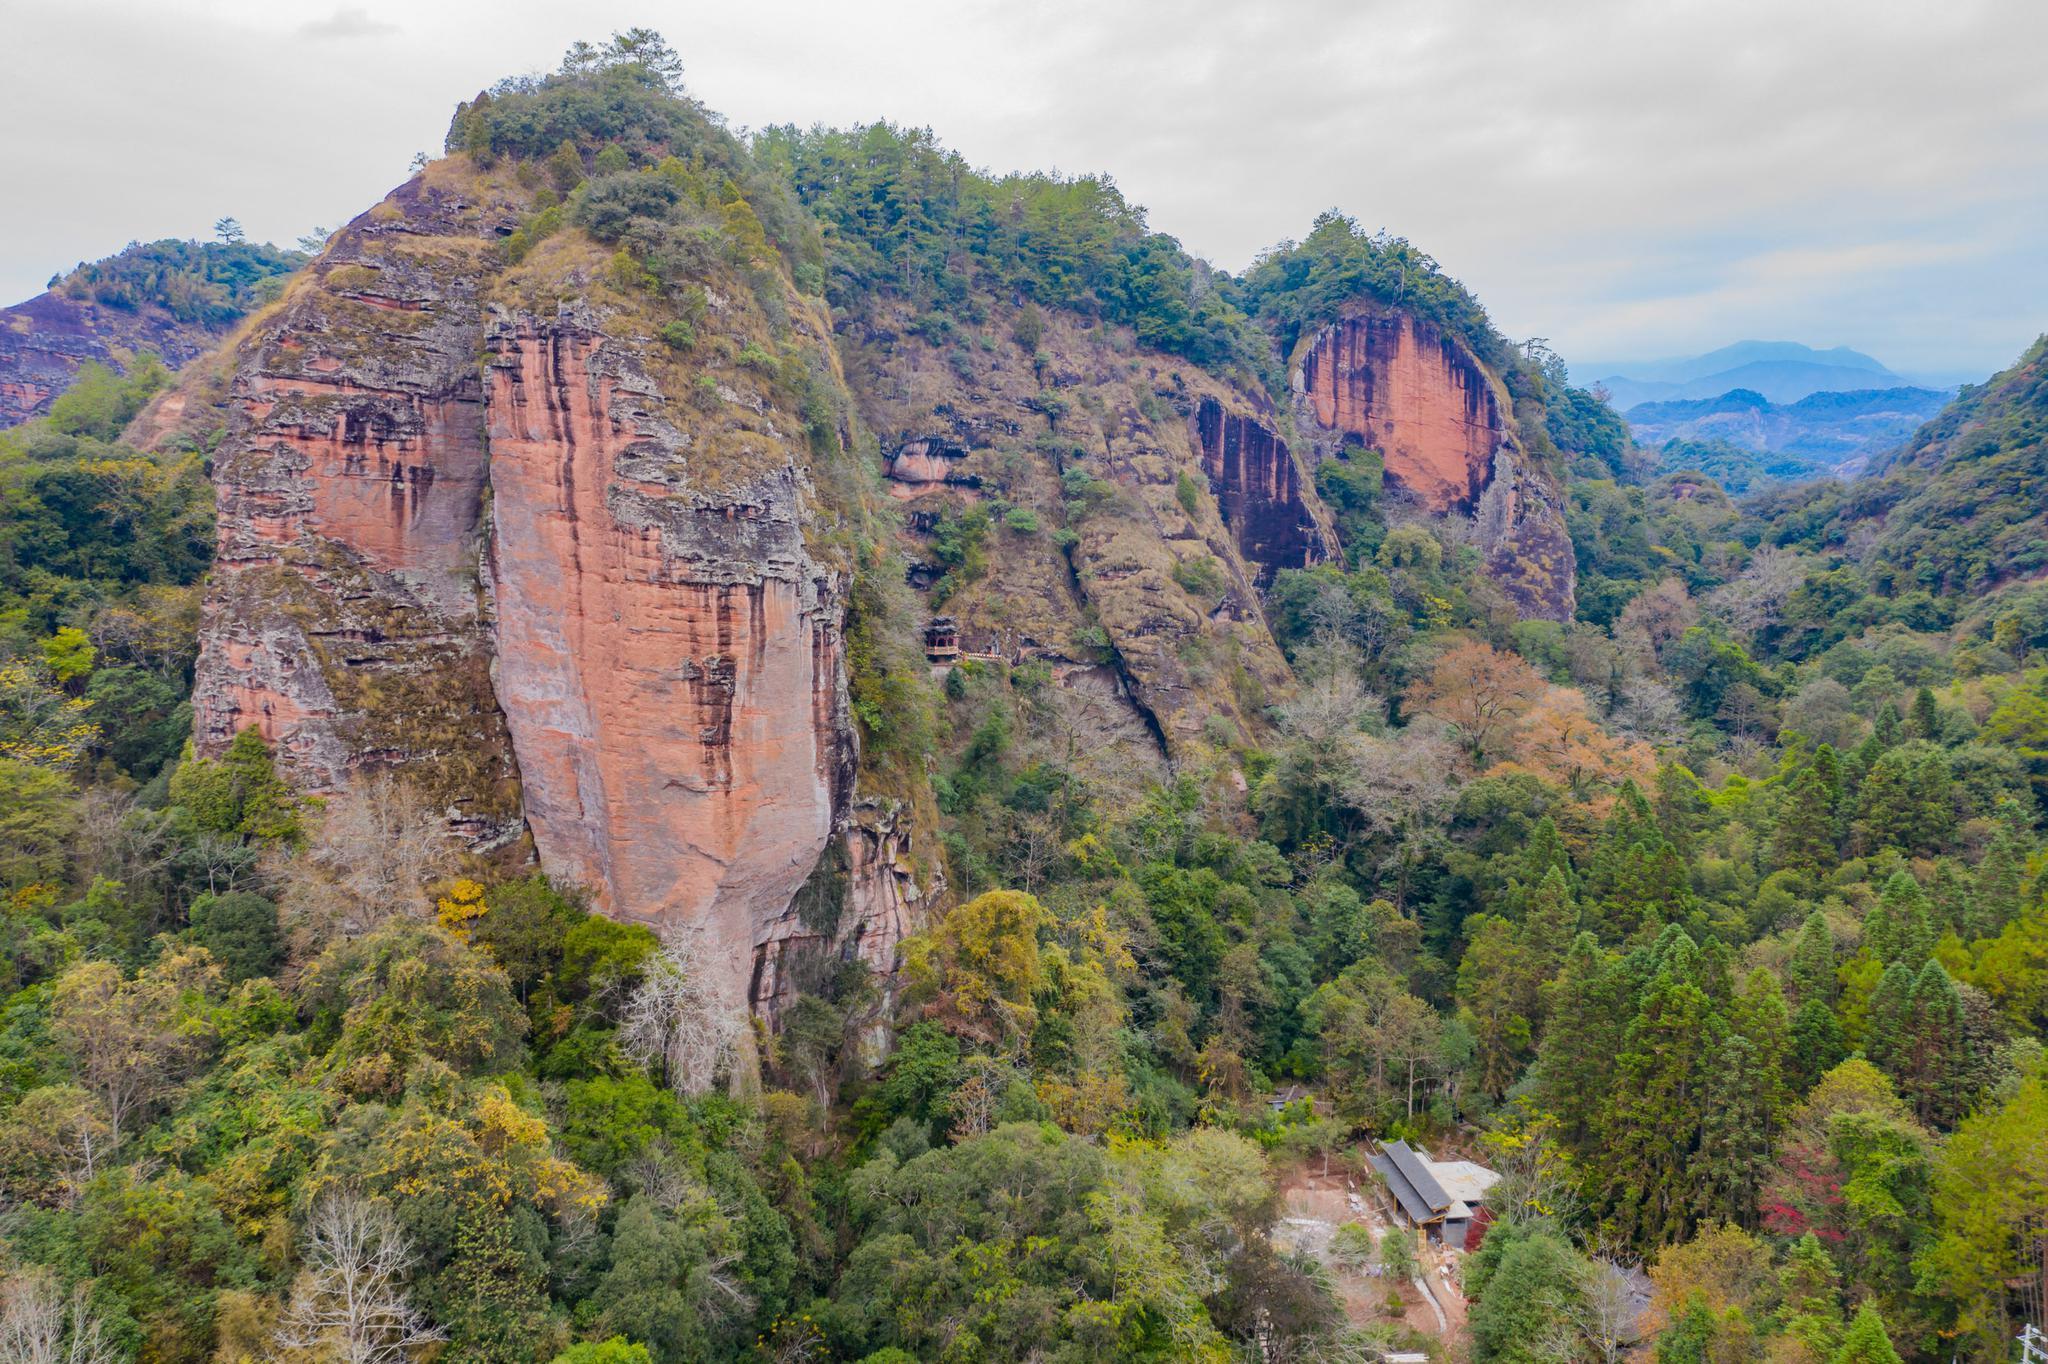 福建大山悬崖发现一天然岩洞,洞中竟悬挂一座楼阁,已有800多年